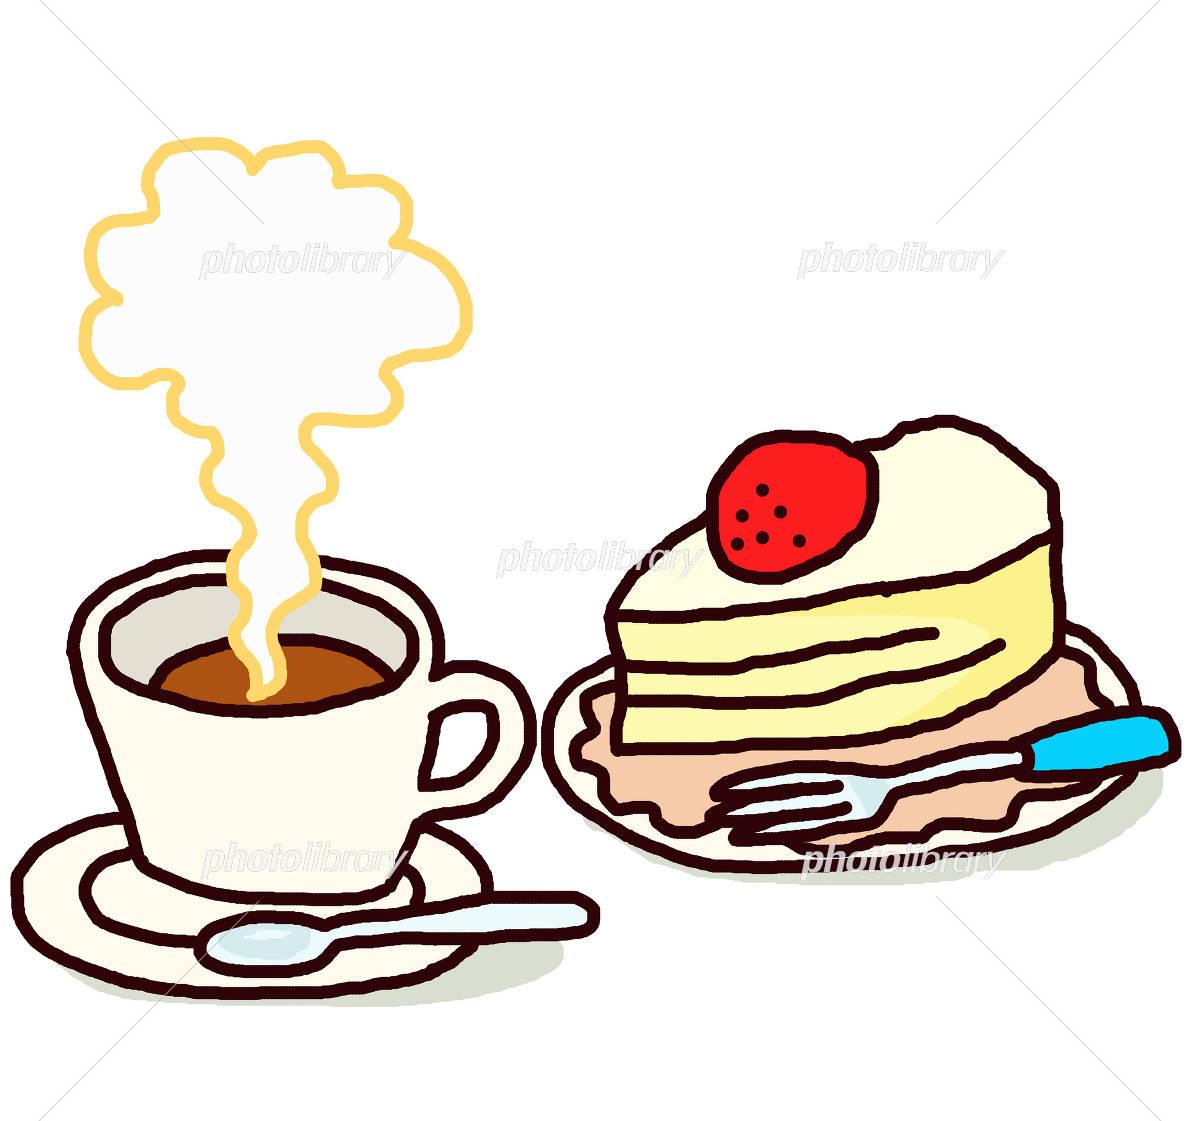 コーヒーとケーキ イラスト素材 4337742 フォトライブラリー